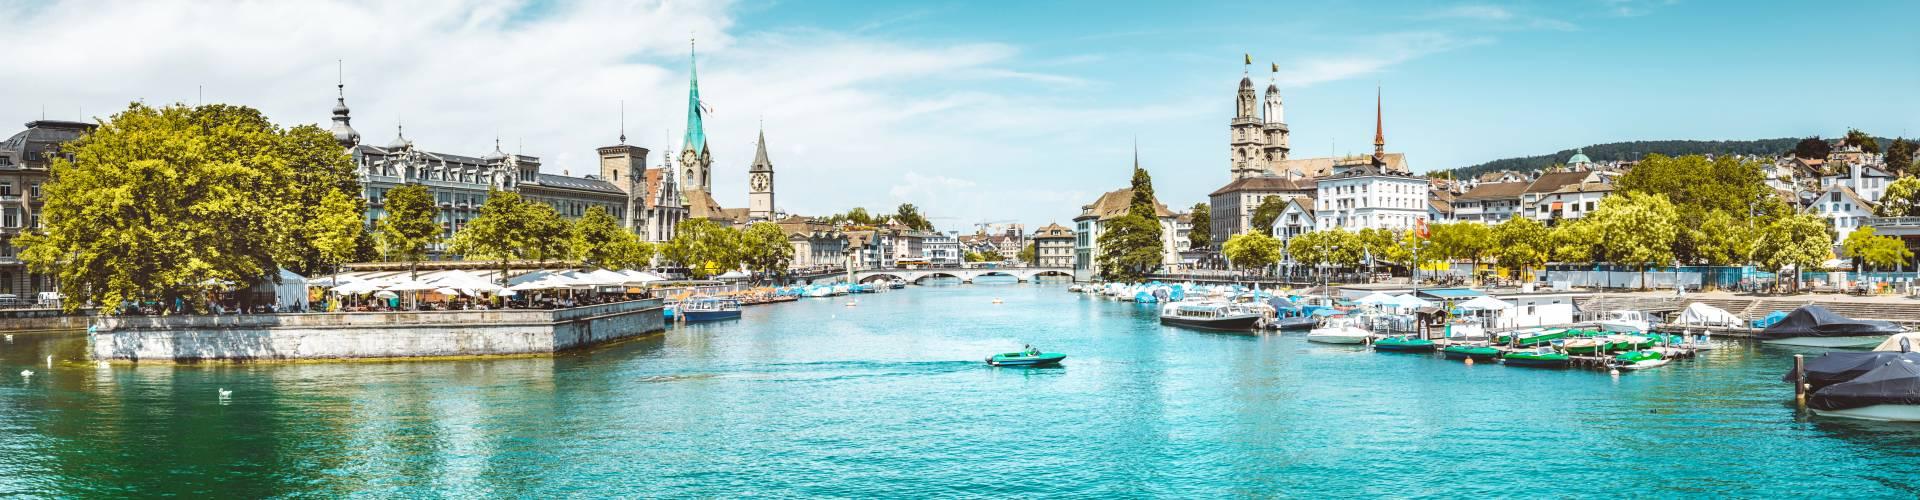 RE/MAX le n°1 pour l'immobilier en Suisse © JFL Photography / stock.adobe.com